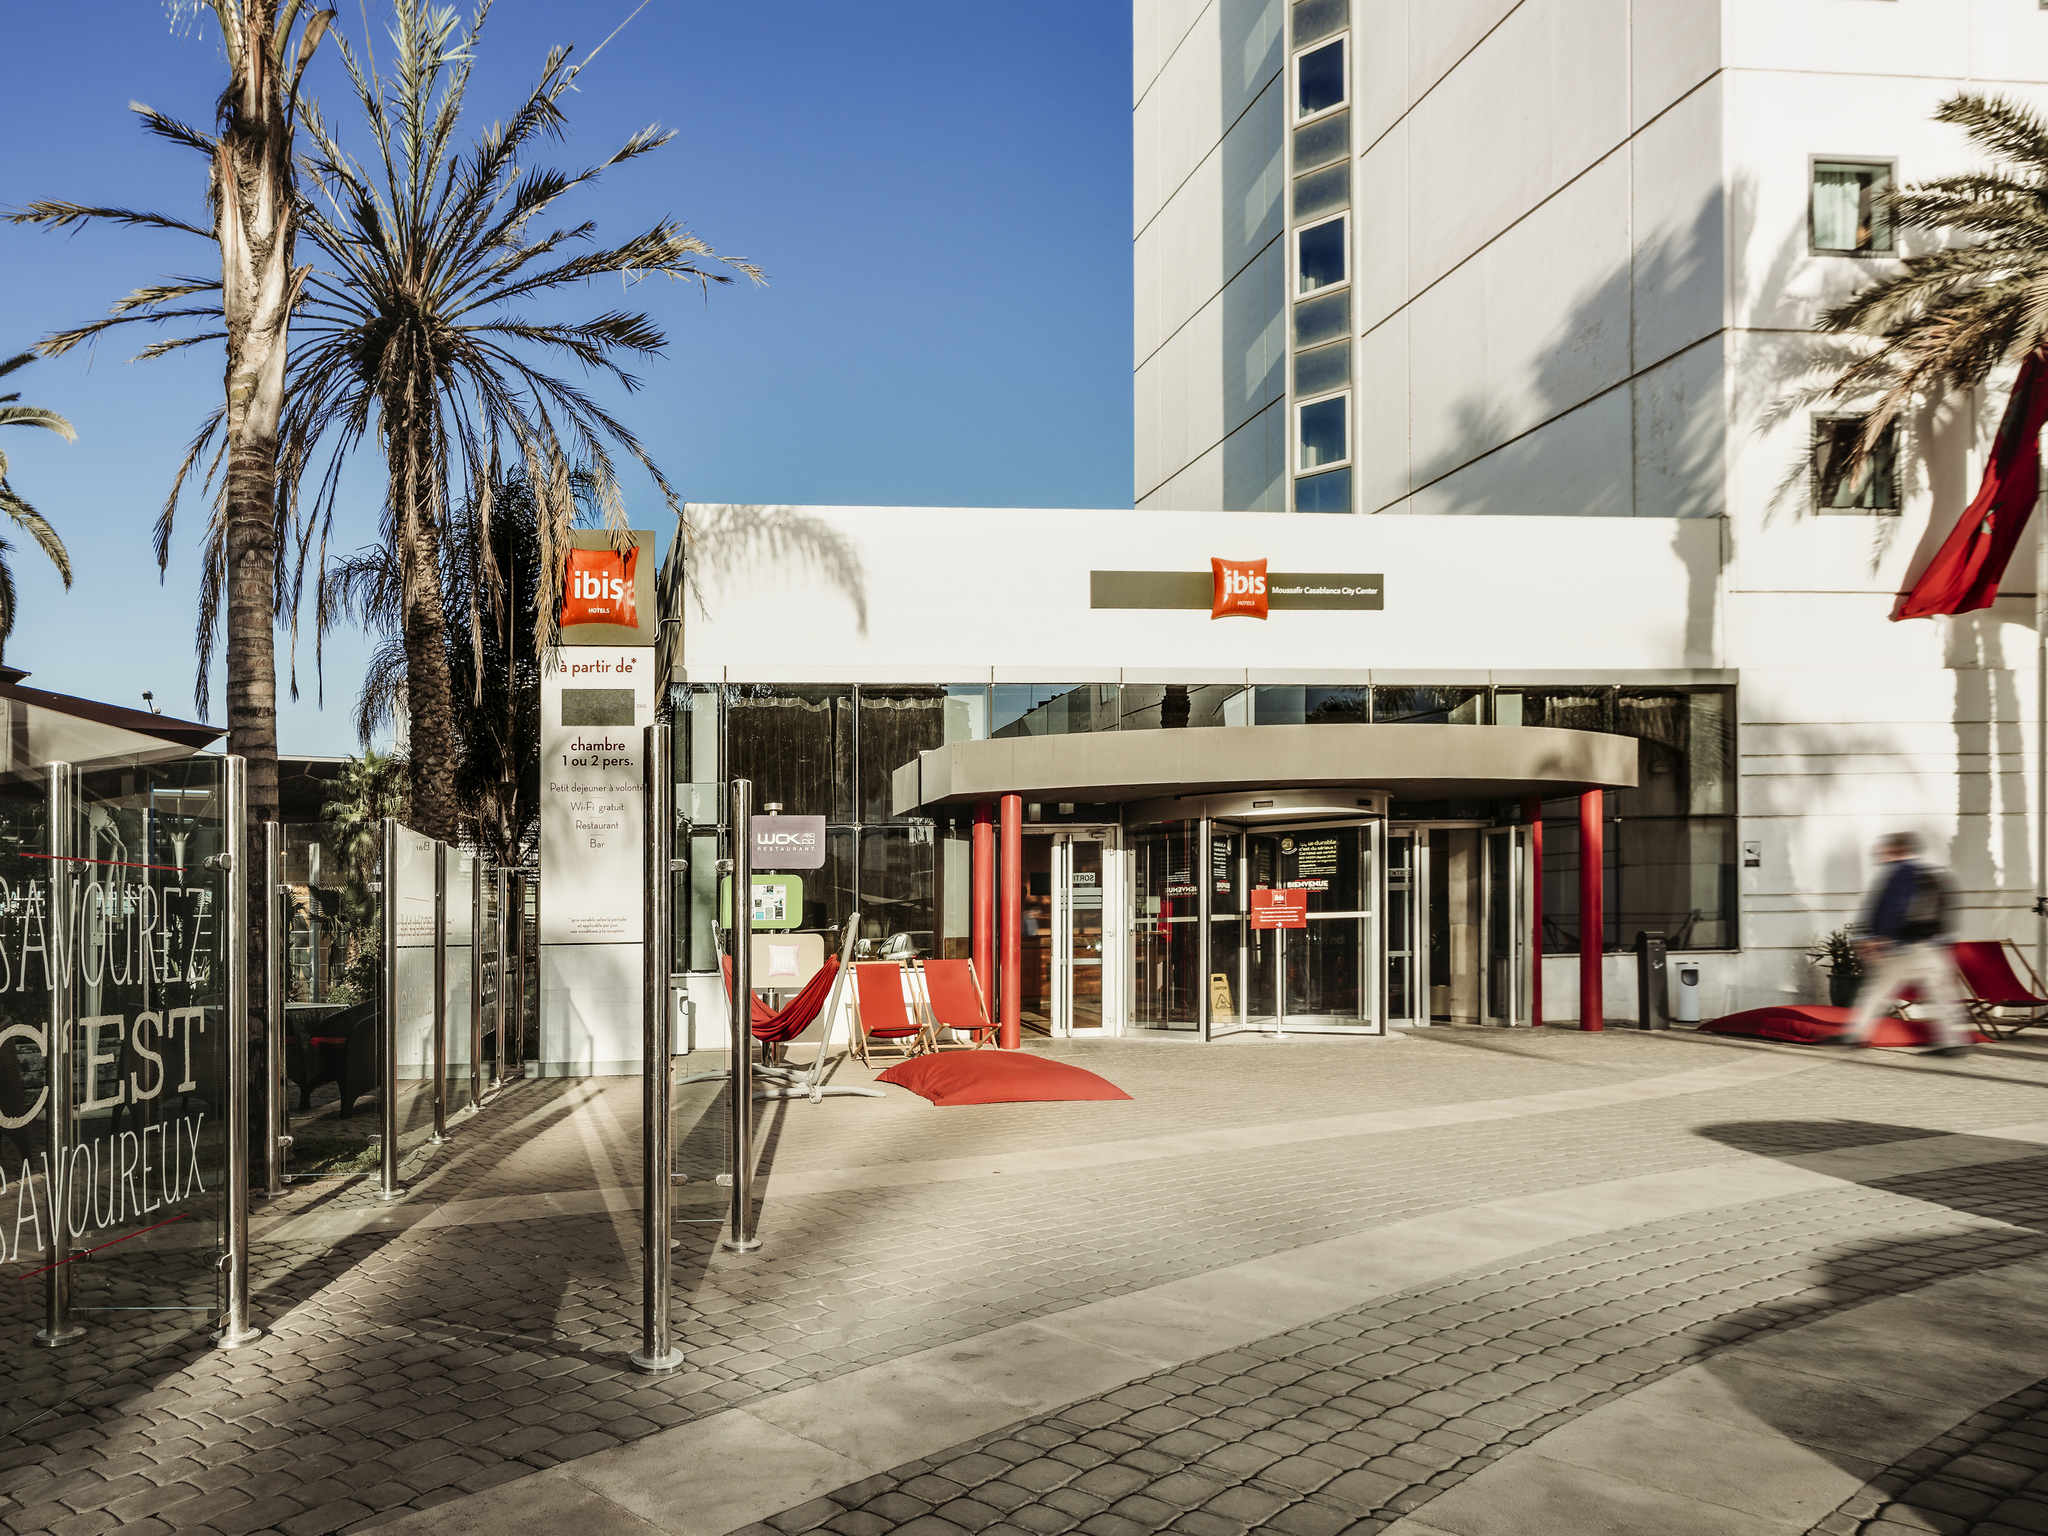 ホテル – イビスムサフィールカサブランカシティセンター